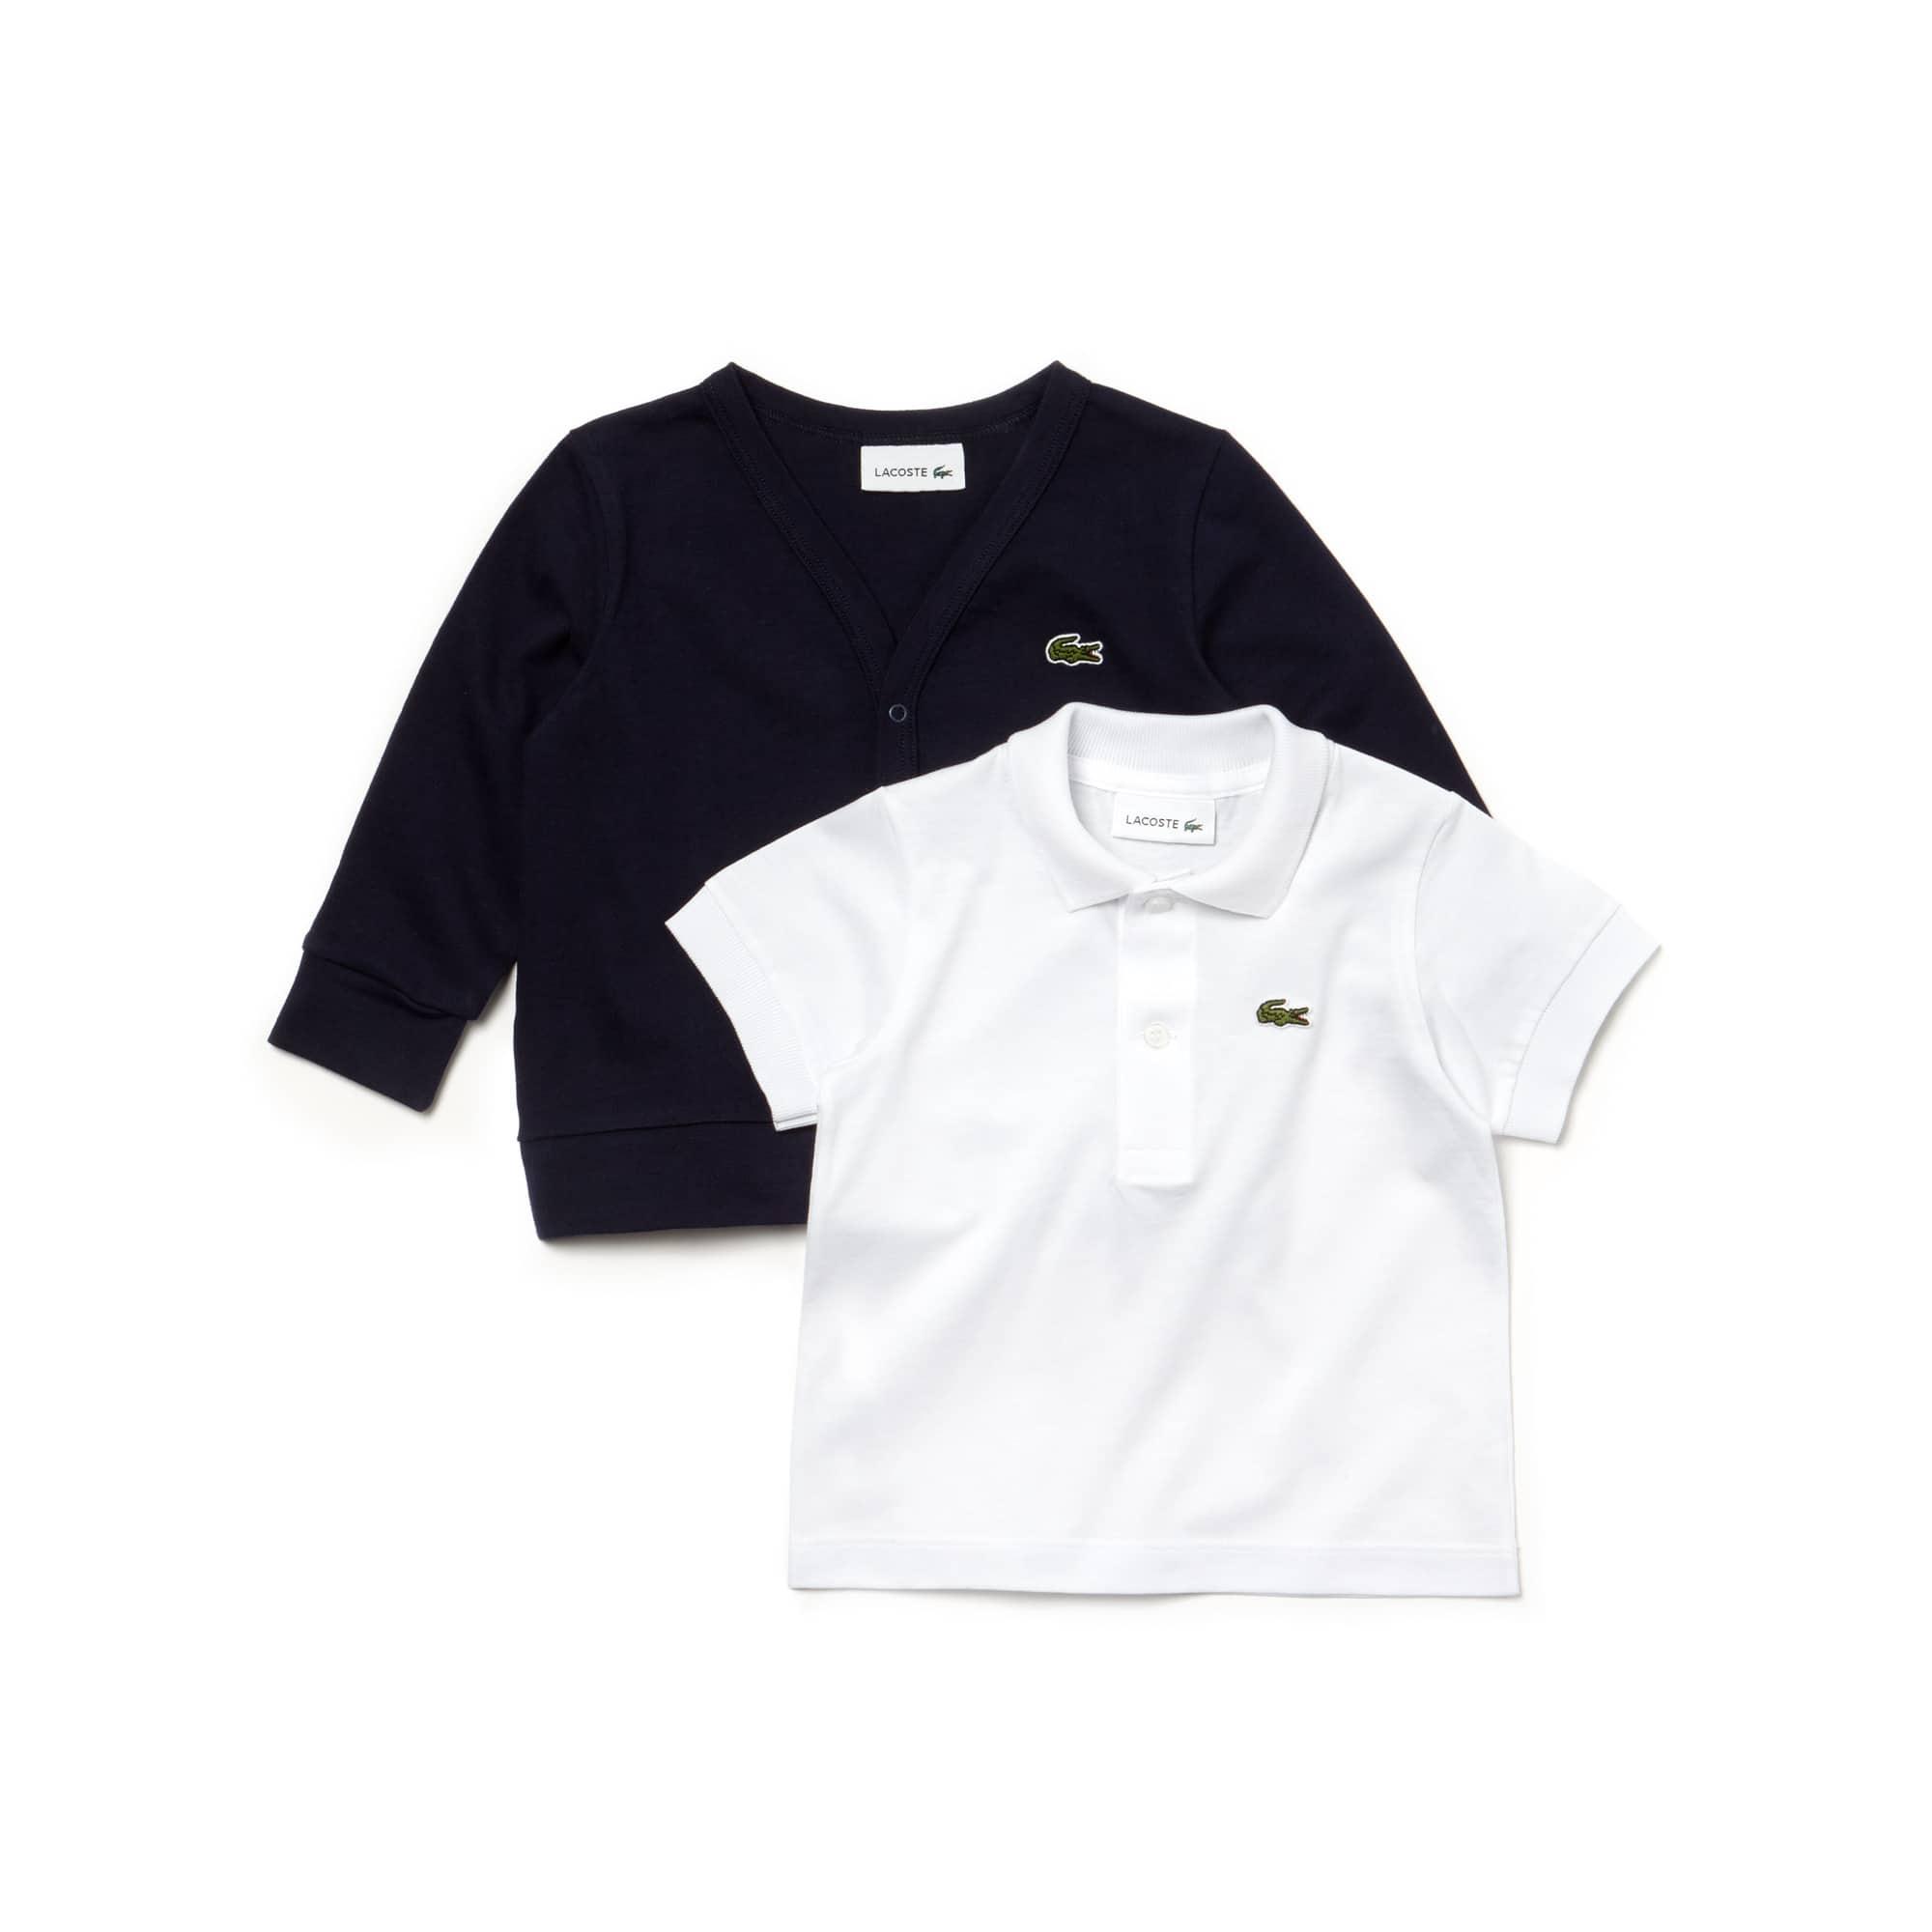 Geschenkset Poloshirt und Strickjacke aus Baumwolljersey